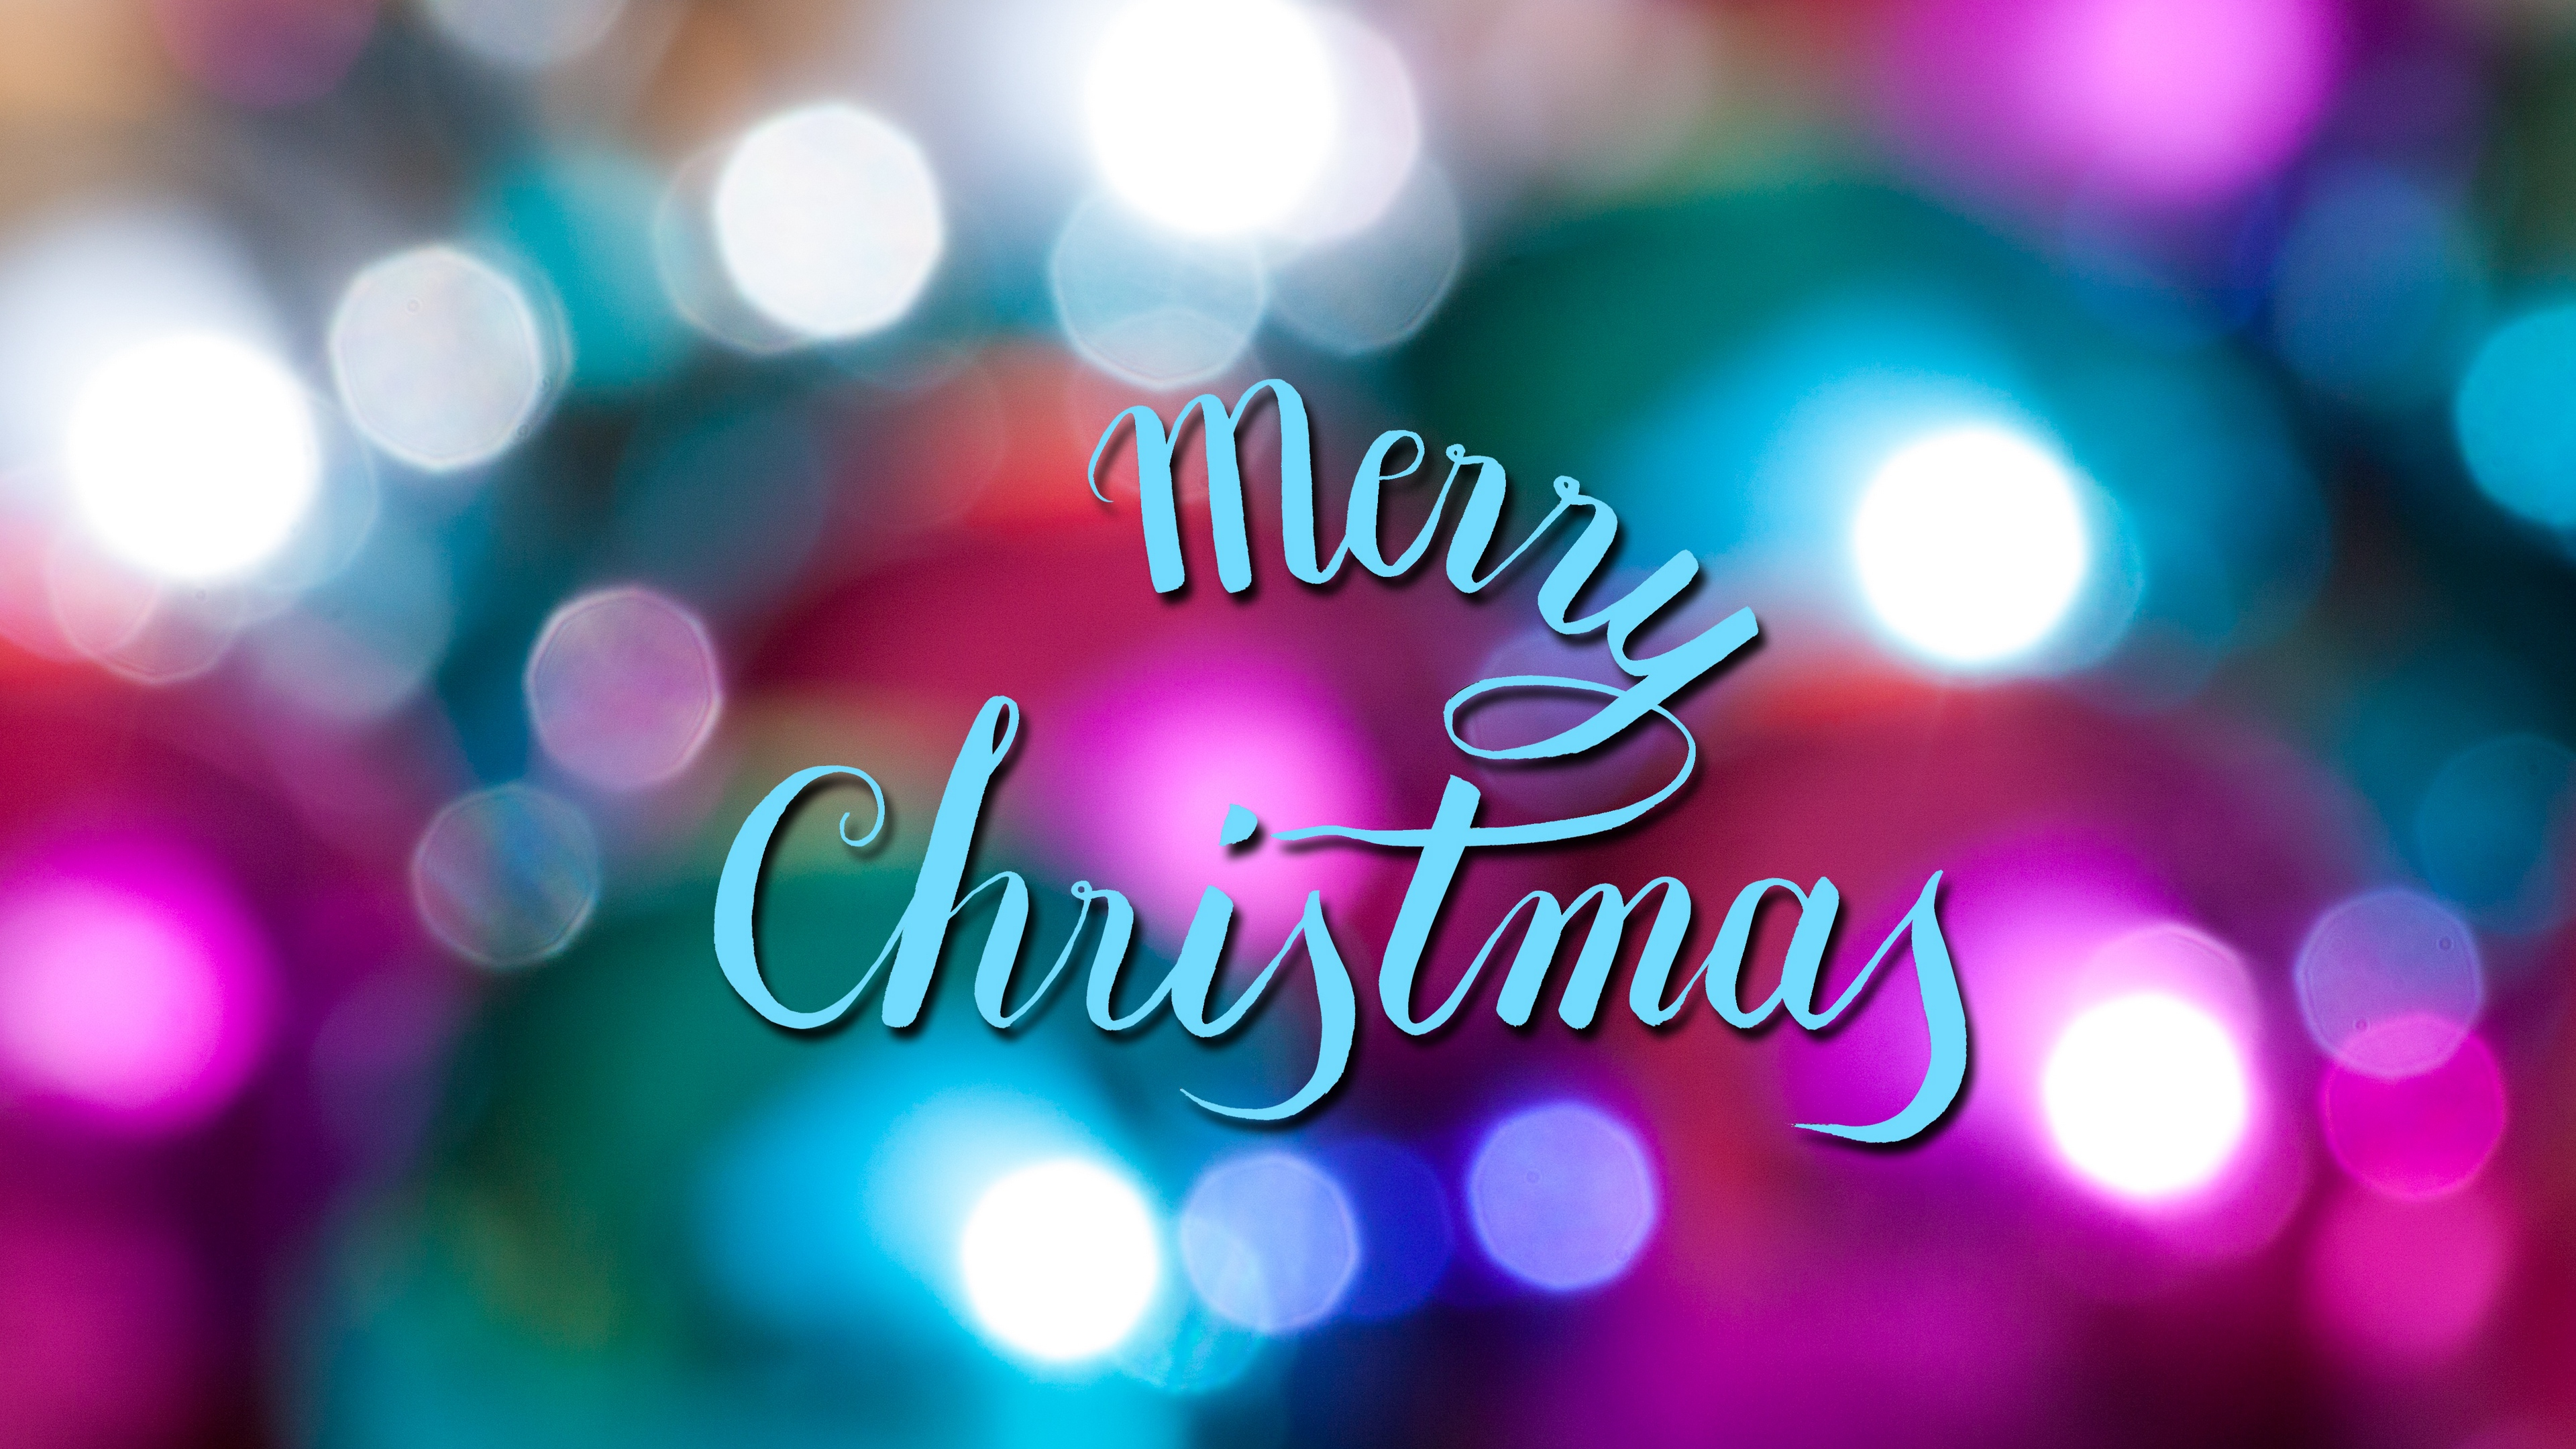 merry christmas christmas sign flashing 4k 1538344716 - merry christmas, christmas, sign, flashing 4k - sign, merry christmas, Christmas